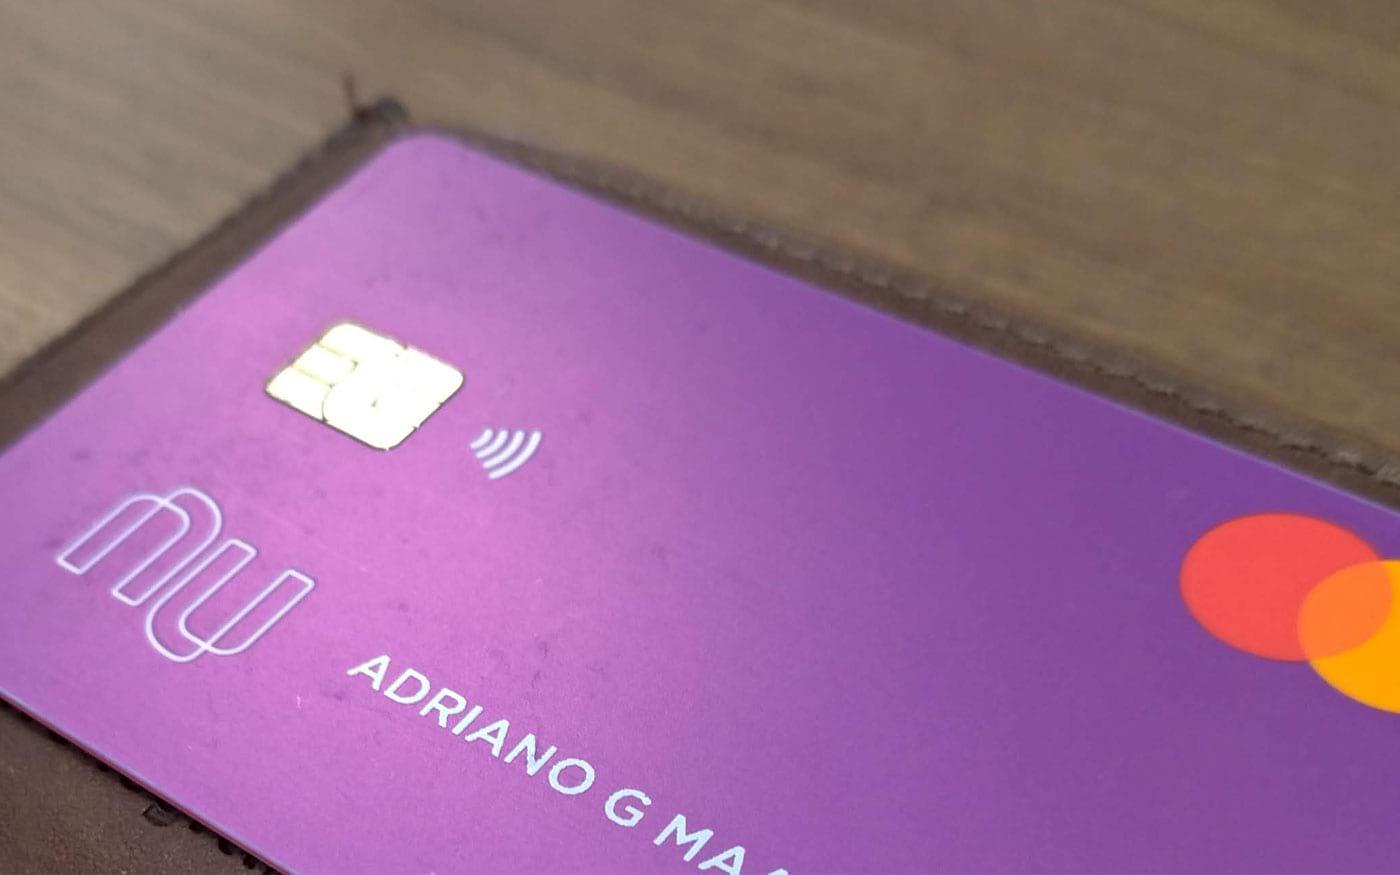 Promoção WOW: Nubank divulga números da sorte para concorrer a R$ 500 mil